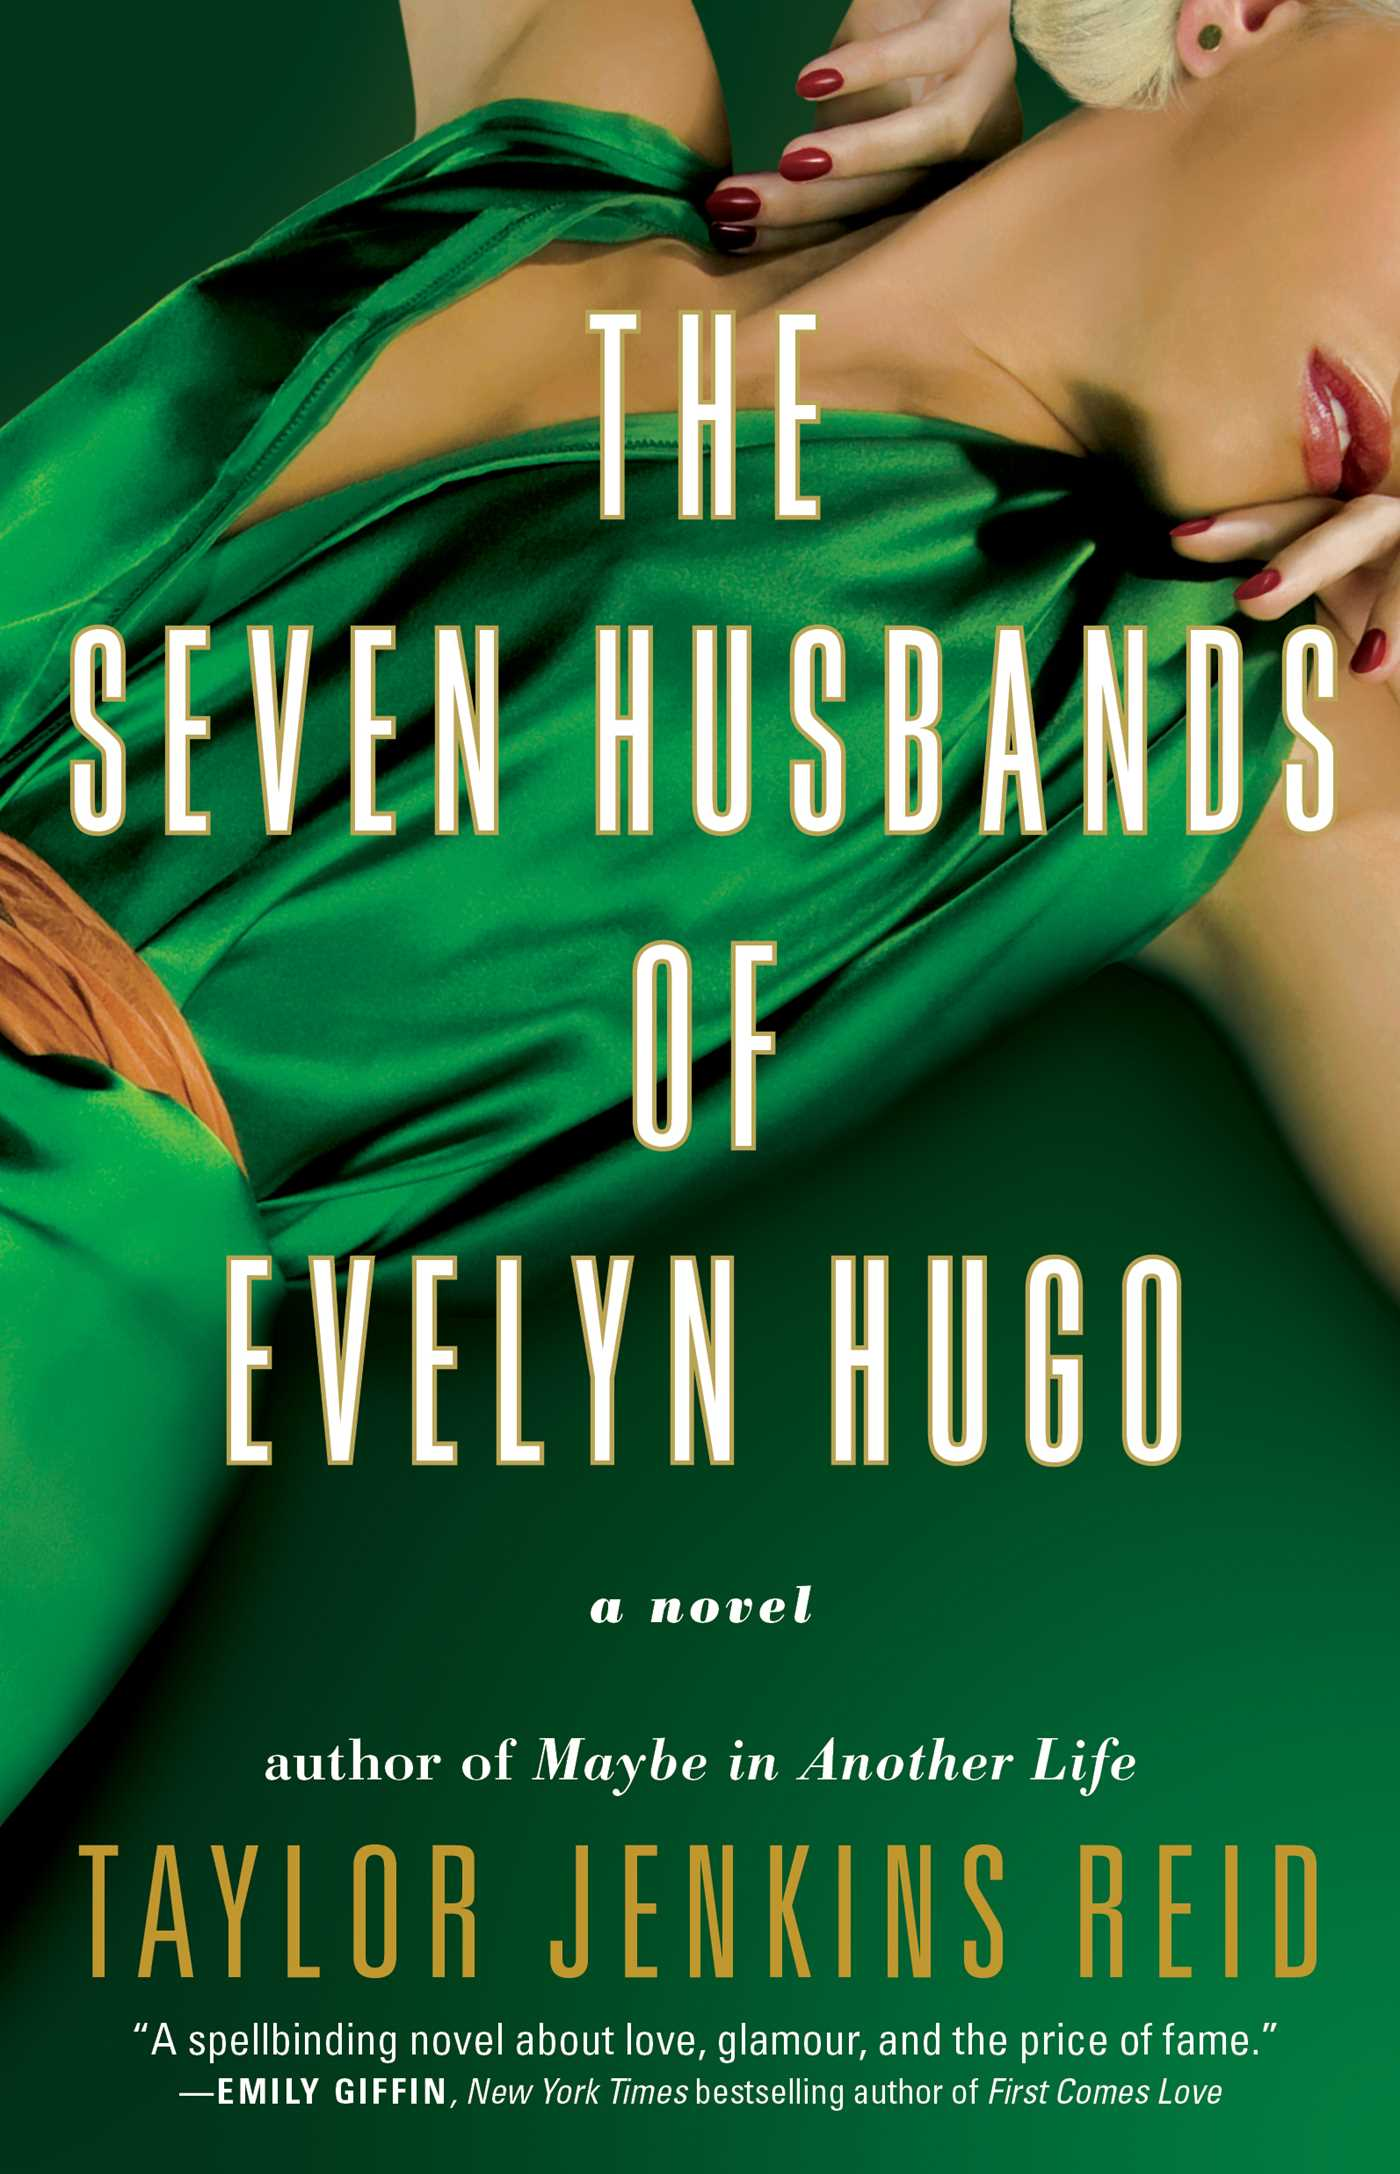 The seven husbands of evelyn hugo 9781501174827 hr